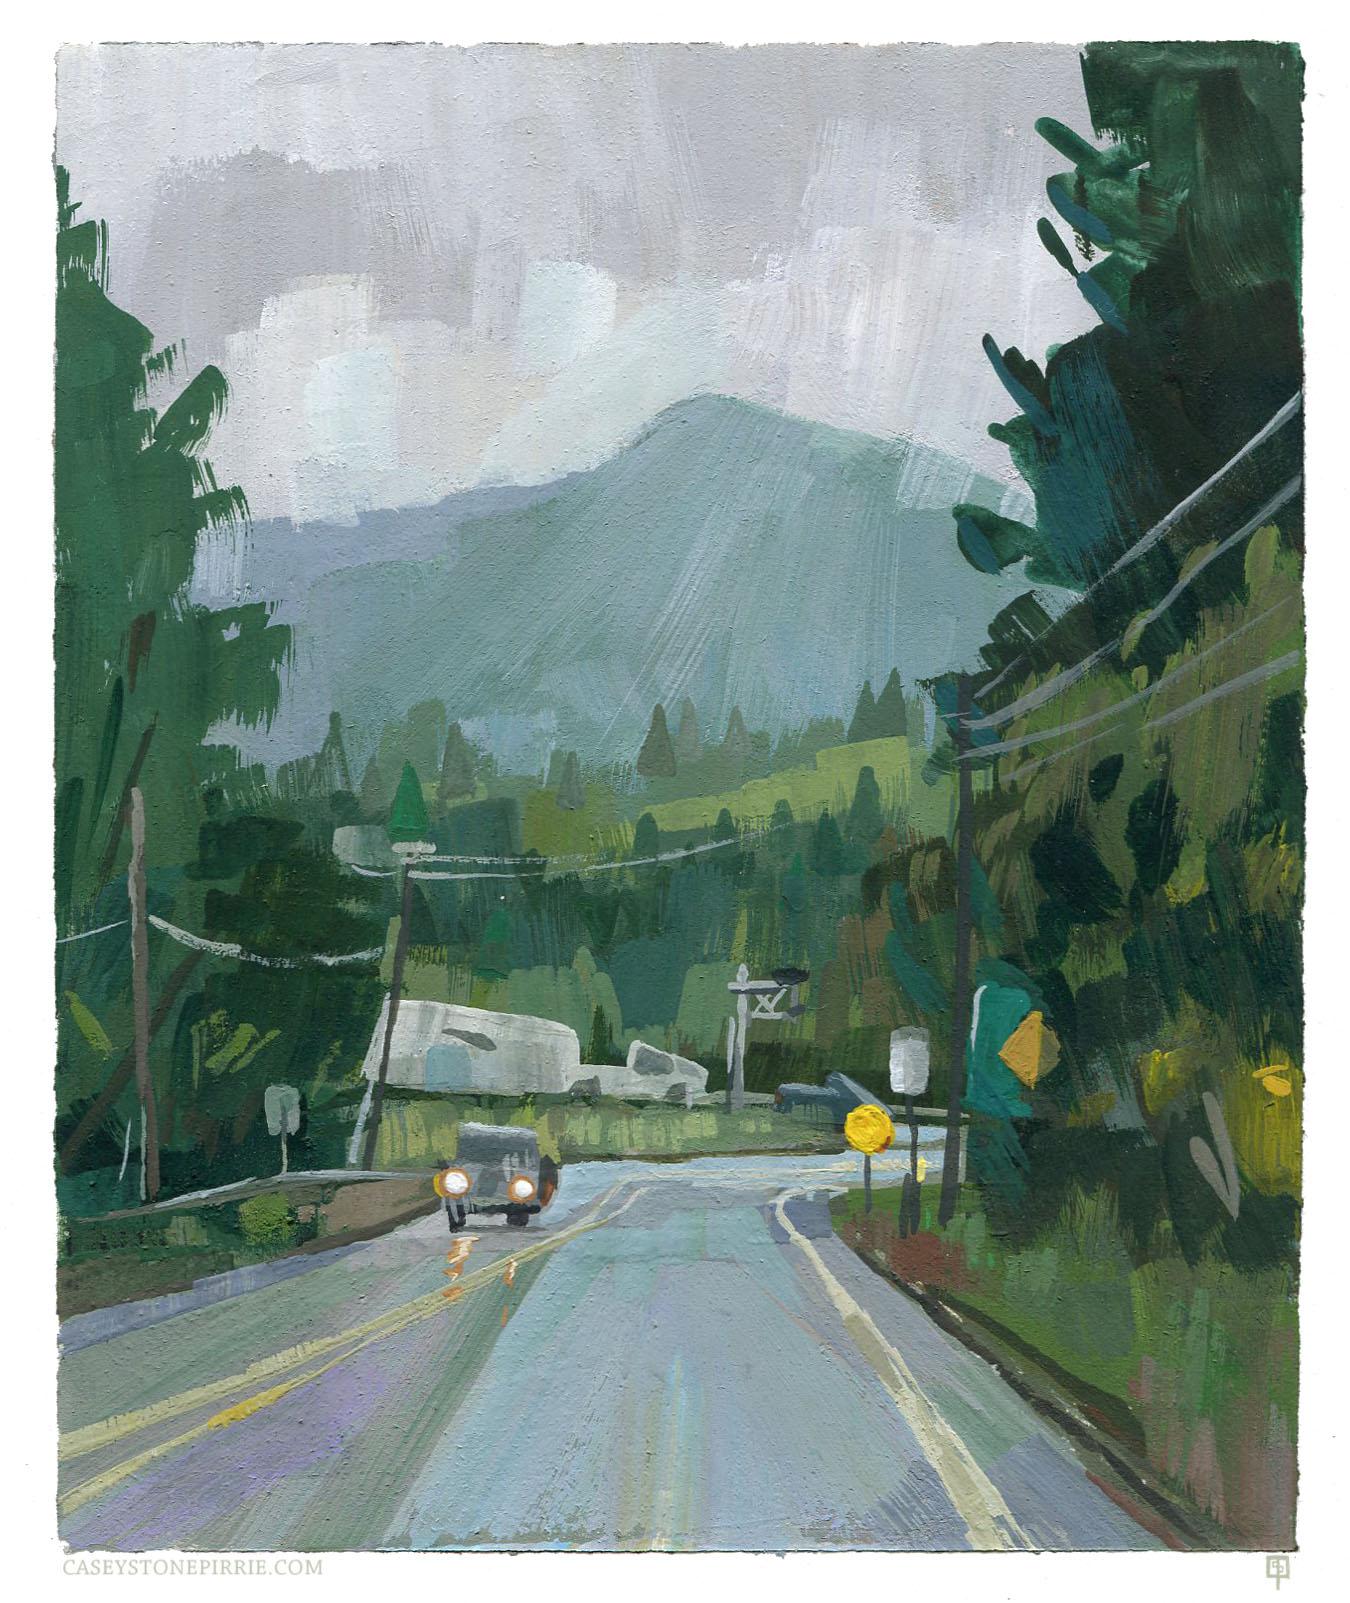 Outside of Mt. Rainier National Park